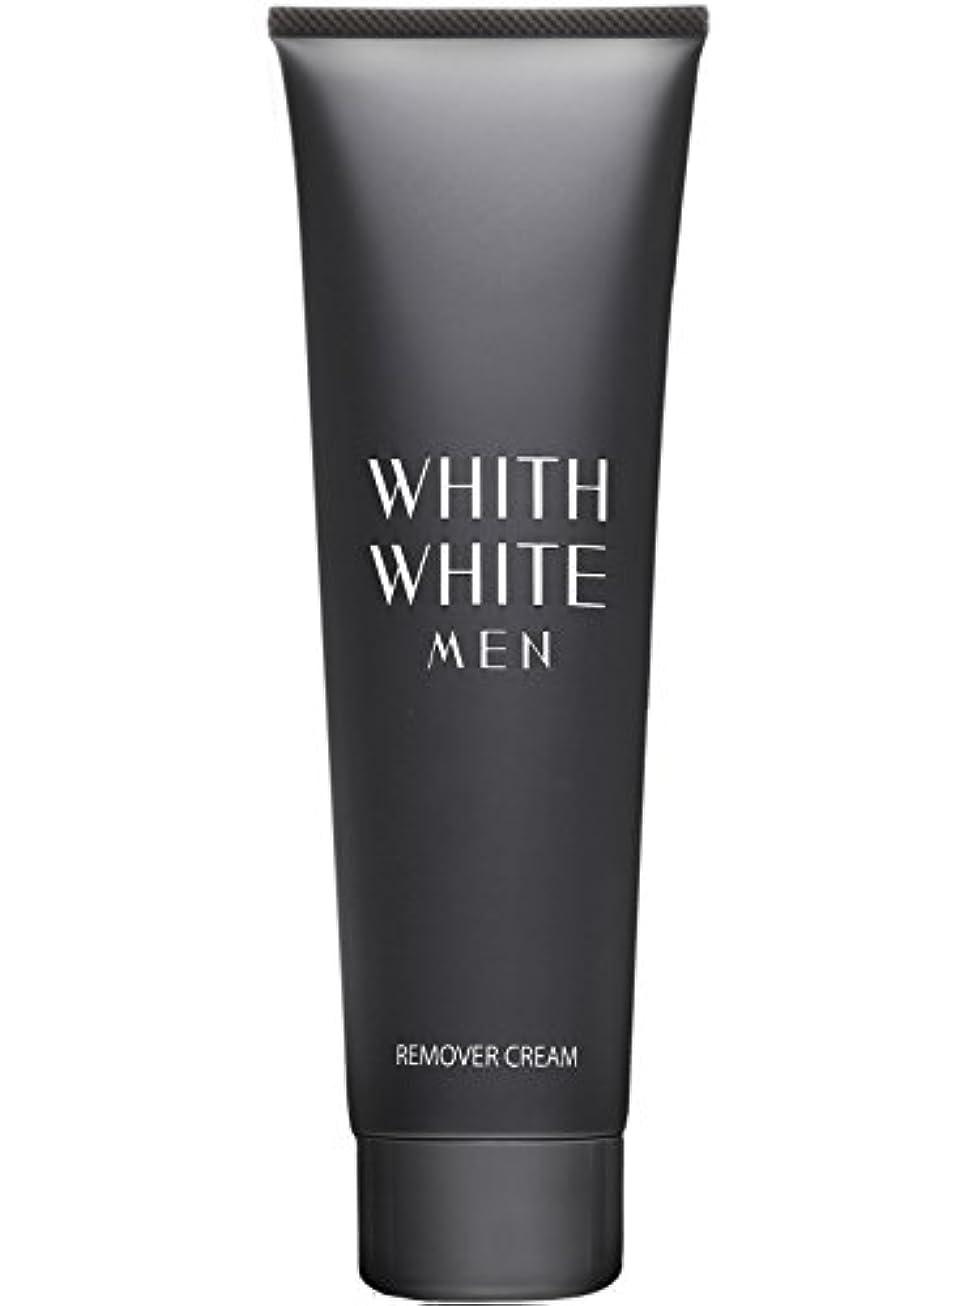 解決する頼る無人医薬部外品 フィス ホワイト メンズ 除毛クリーム リムーバークリーム 陰部 使用可能 210g